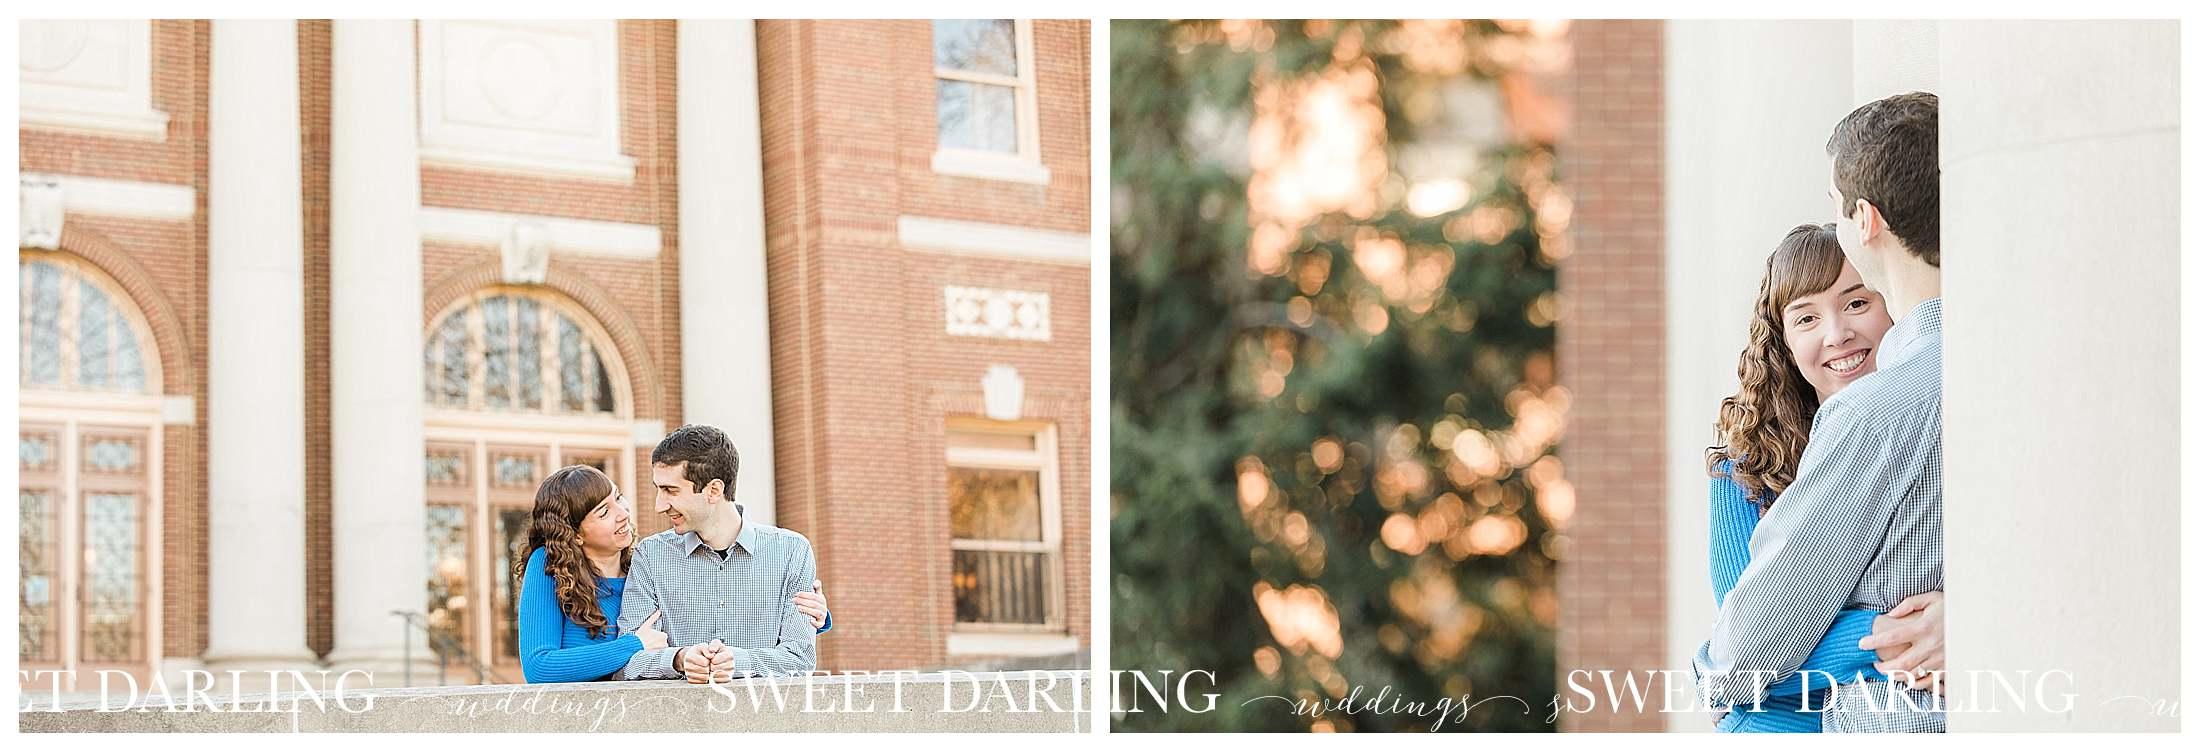 Engagement photos at University of Illinois foellinger auditorium